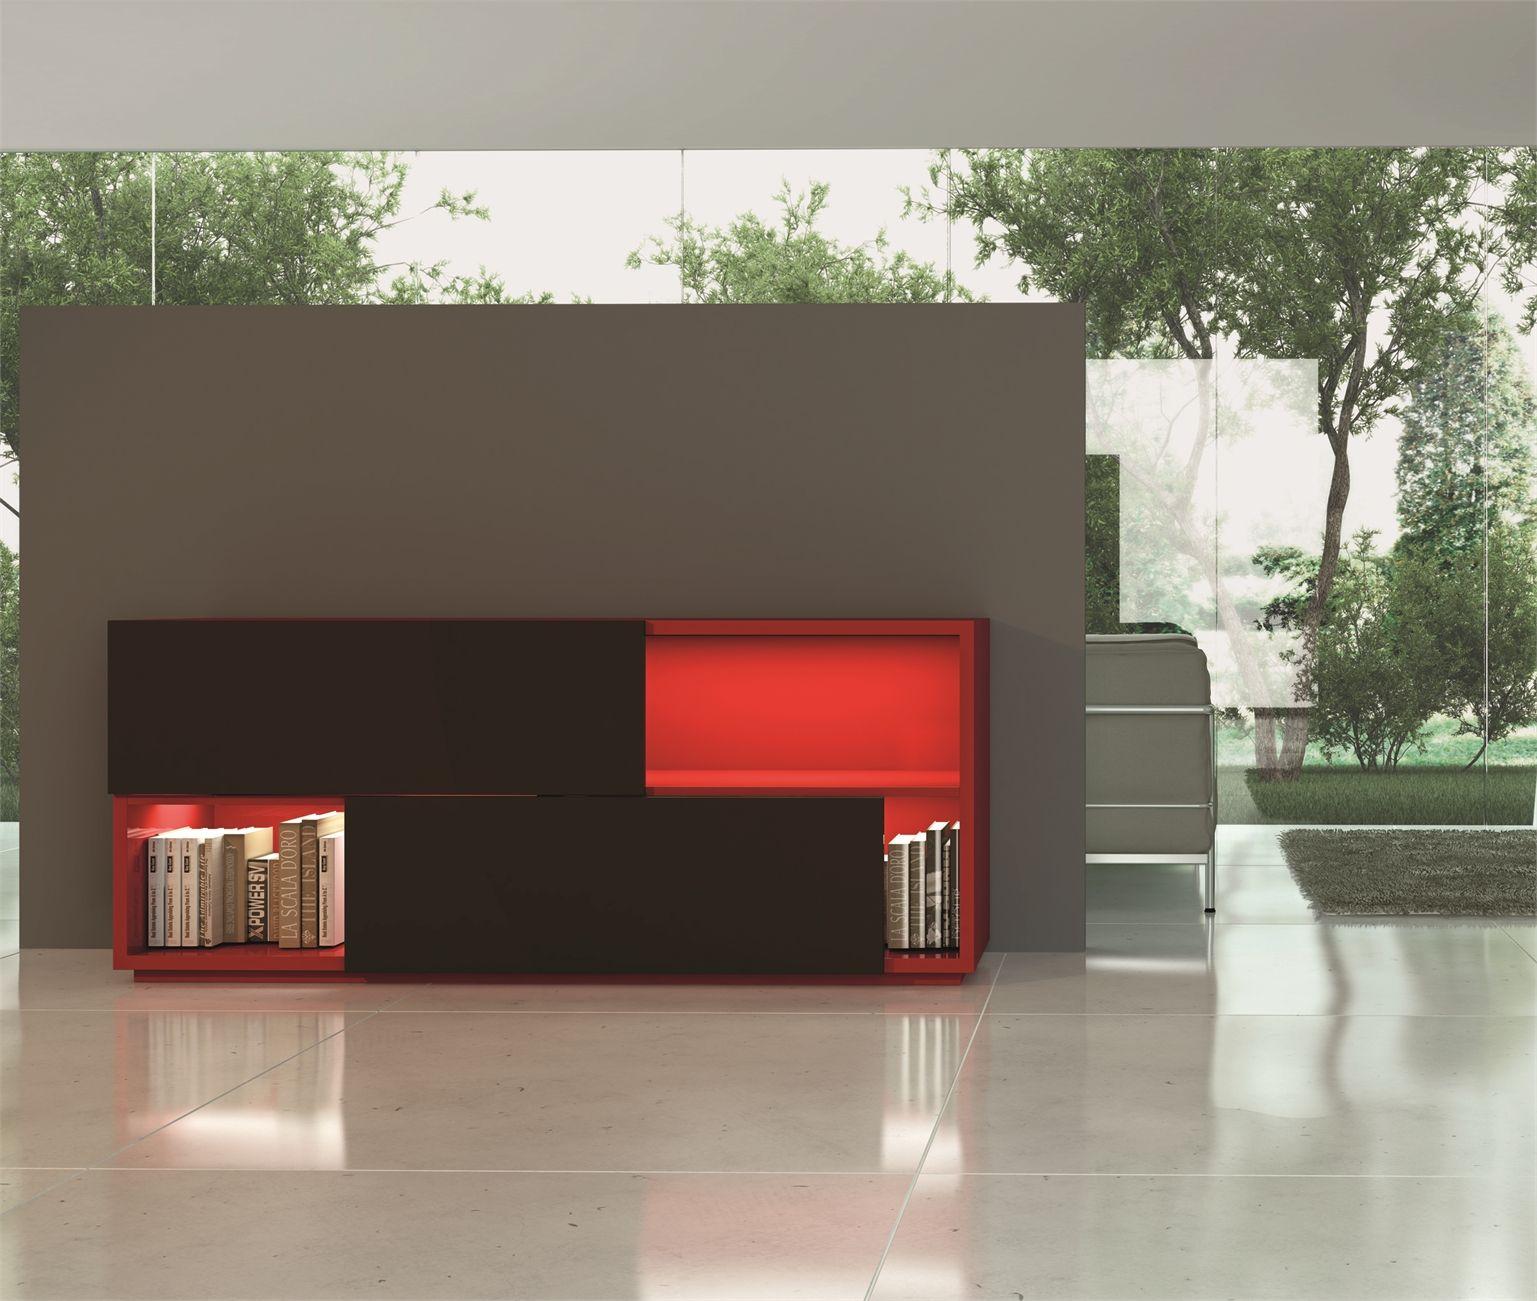 Il Mobile Libreria Liber 0 Di Ronda Design : Nuovi concetti di modularitÀ con liber by ronda design